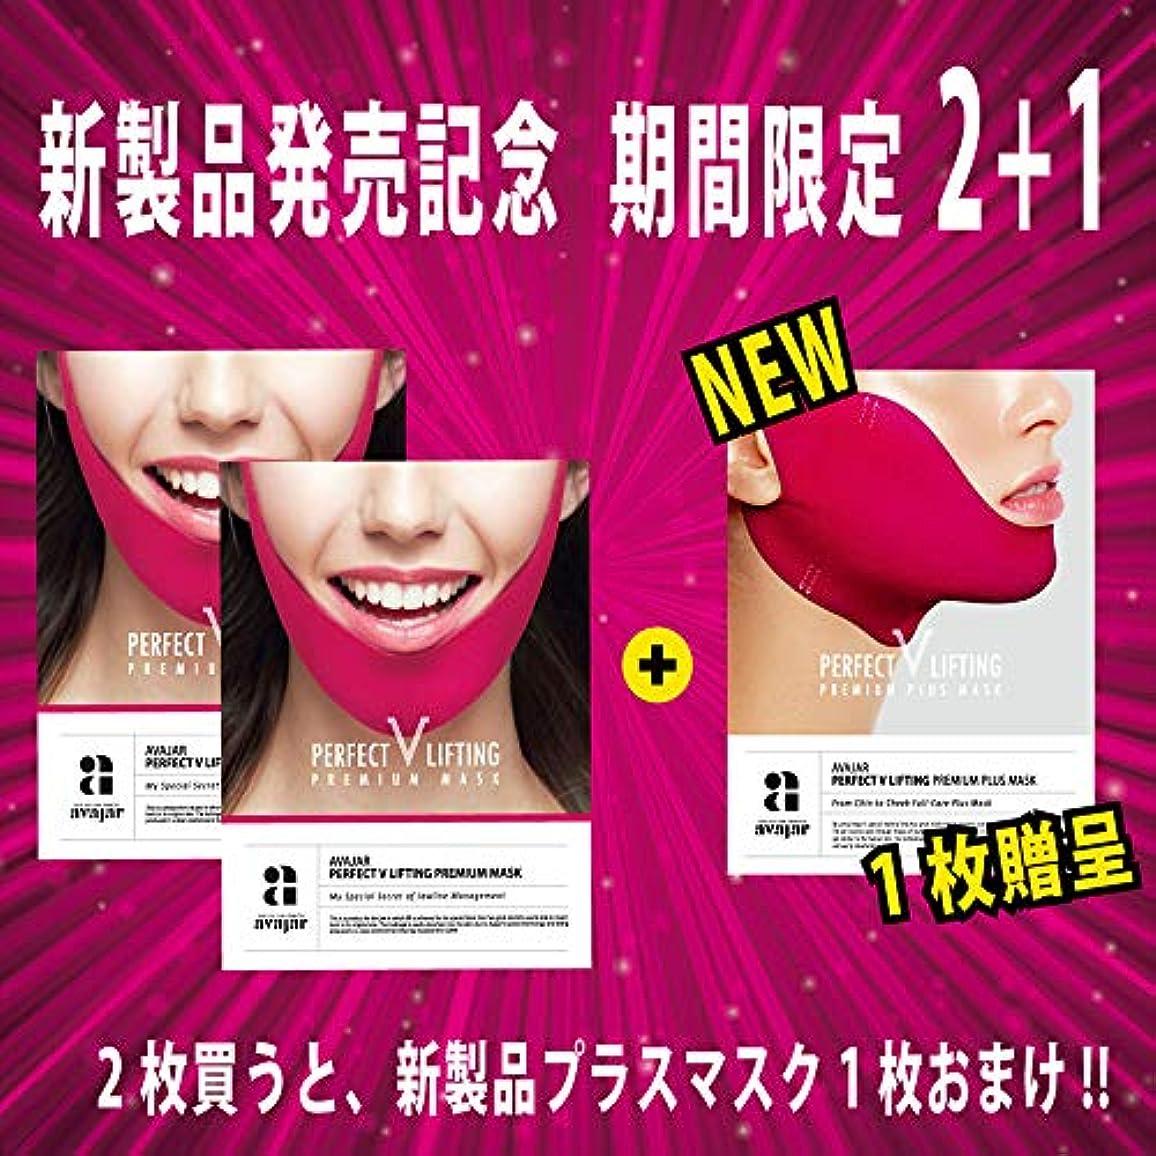 安全寛大さ一節【新製品販売記念2+1限定】Avajar パーフェクト V リフティング プレミアムマスク 小顔効果と顎ラインを取り戻す 3パック